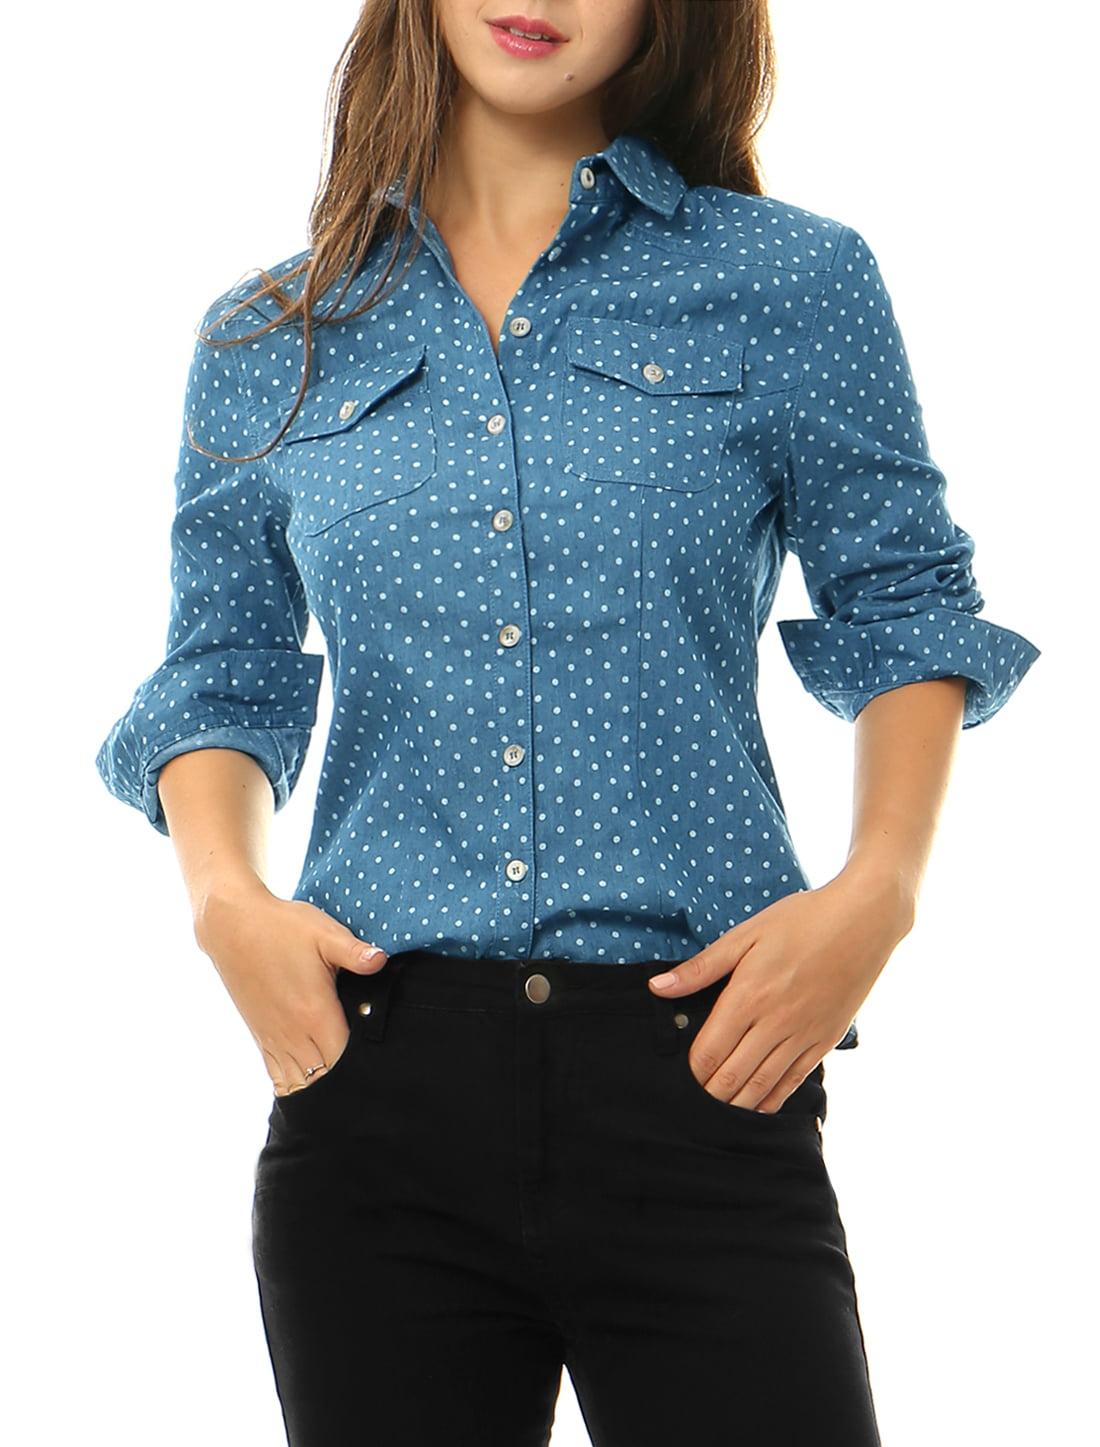 Unique Bargains Women's Chest Pockets Point Collar Office Dots Denim Shirt